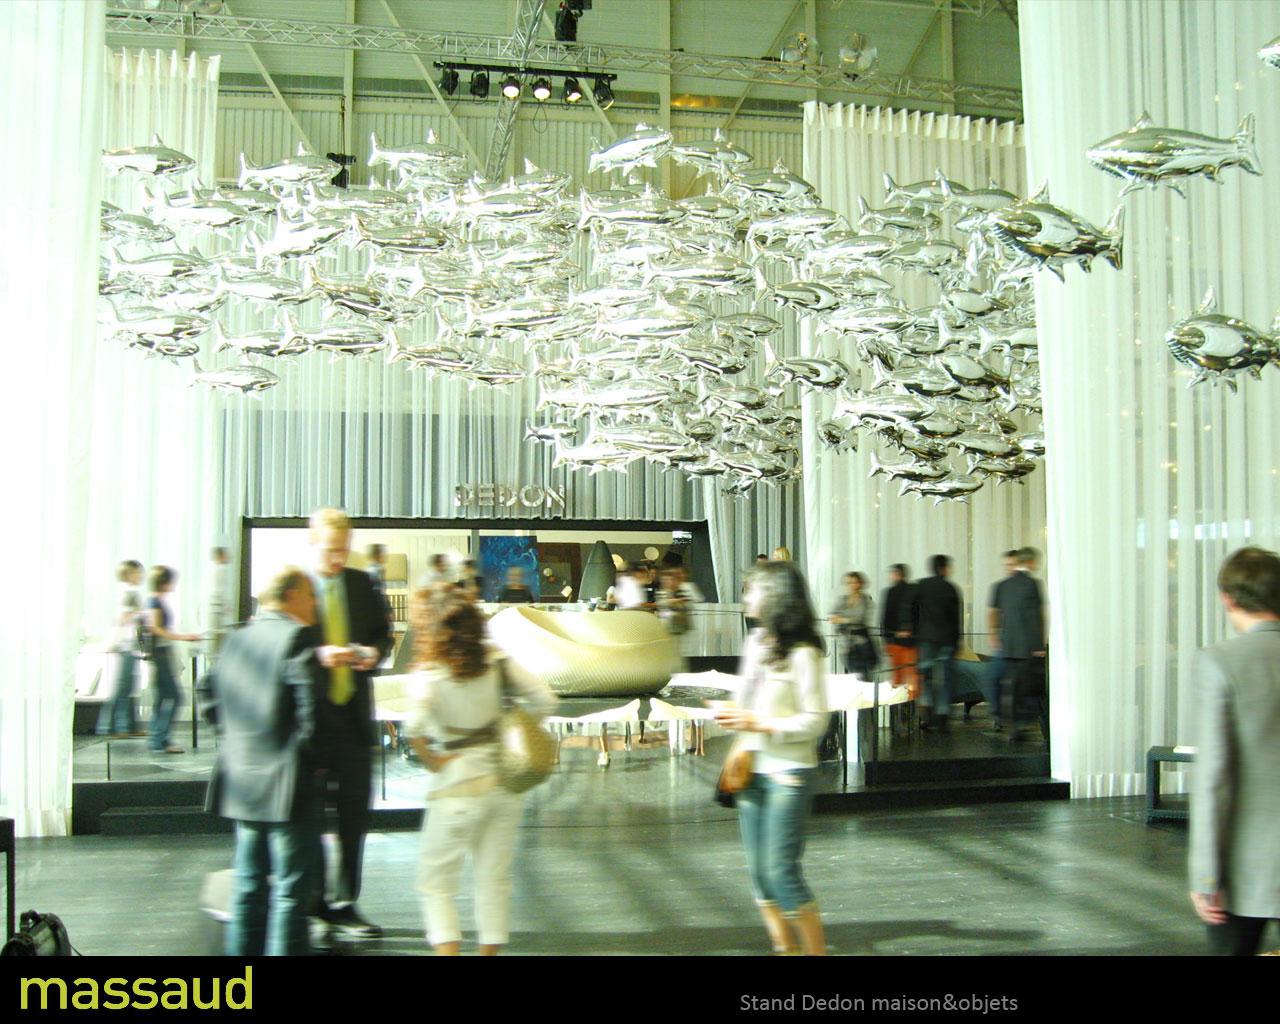 Salon maison et objet maison u0026 objet asia the trade show maison et objet les nouveauts du - 94 objet du salon ...